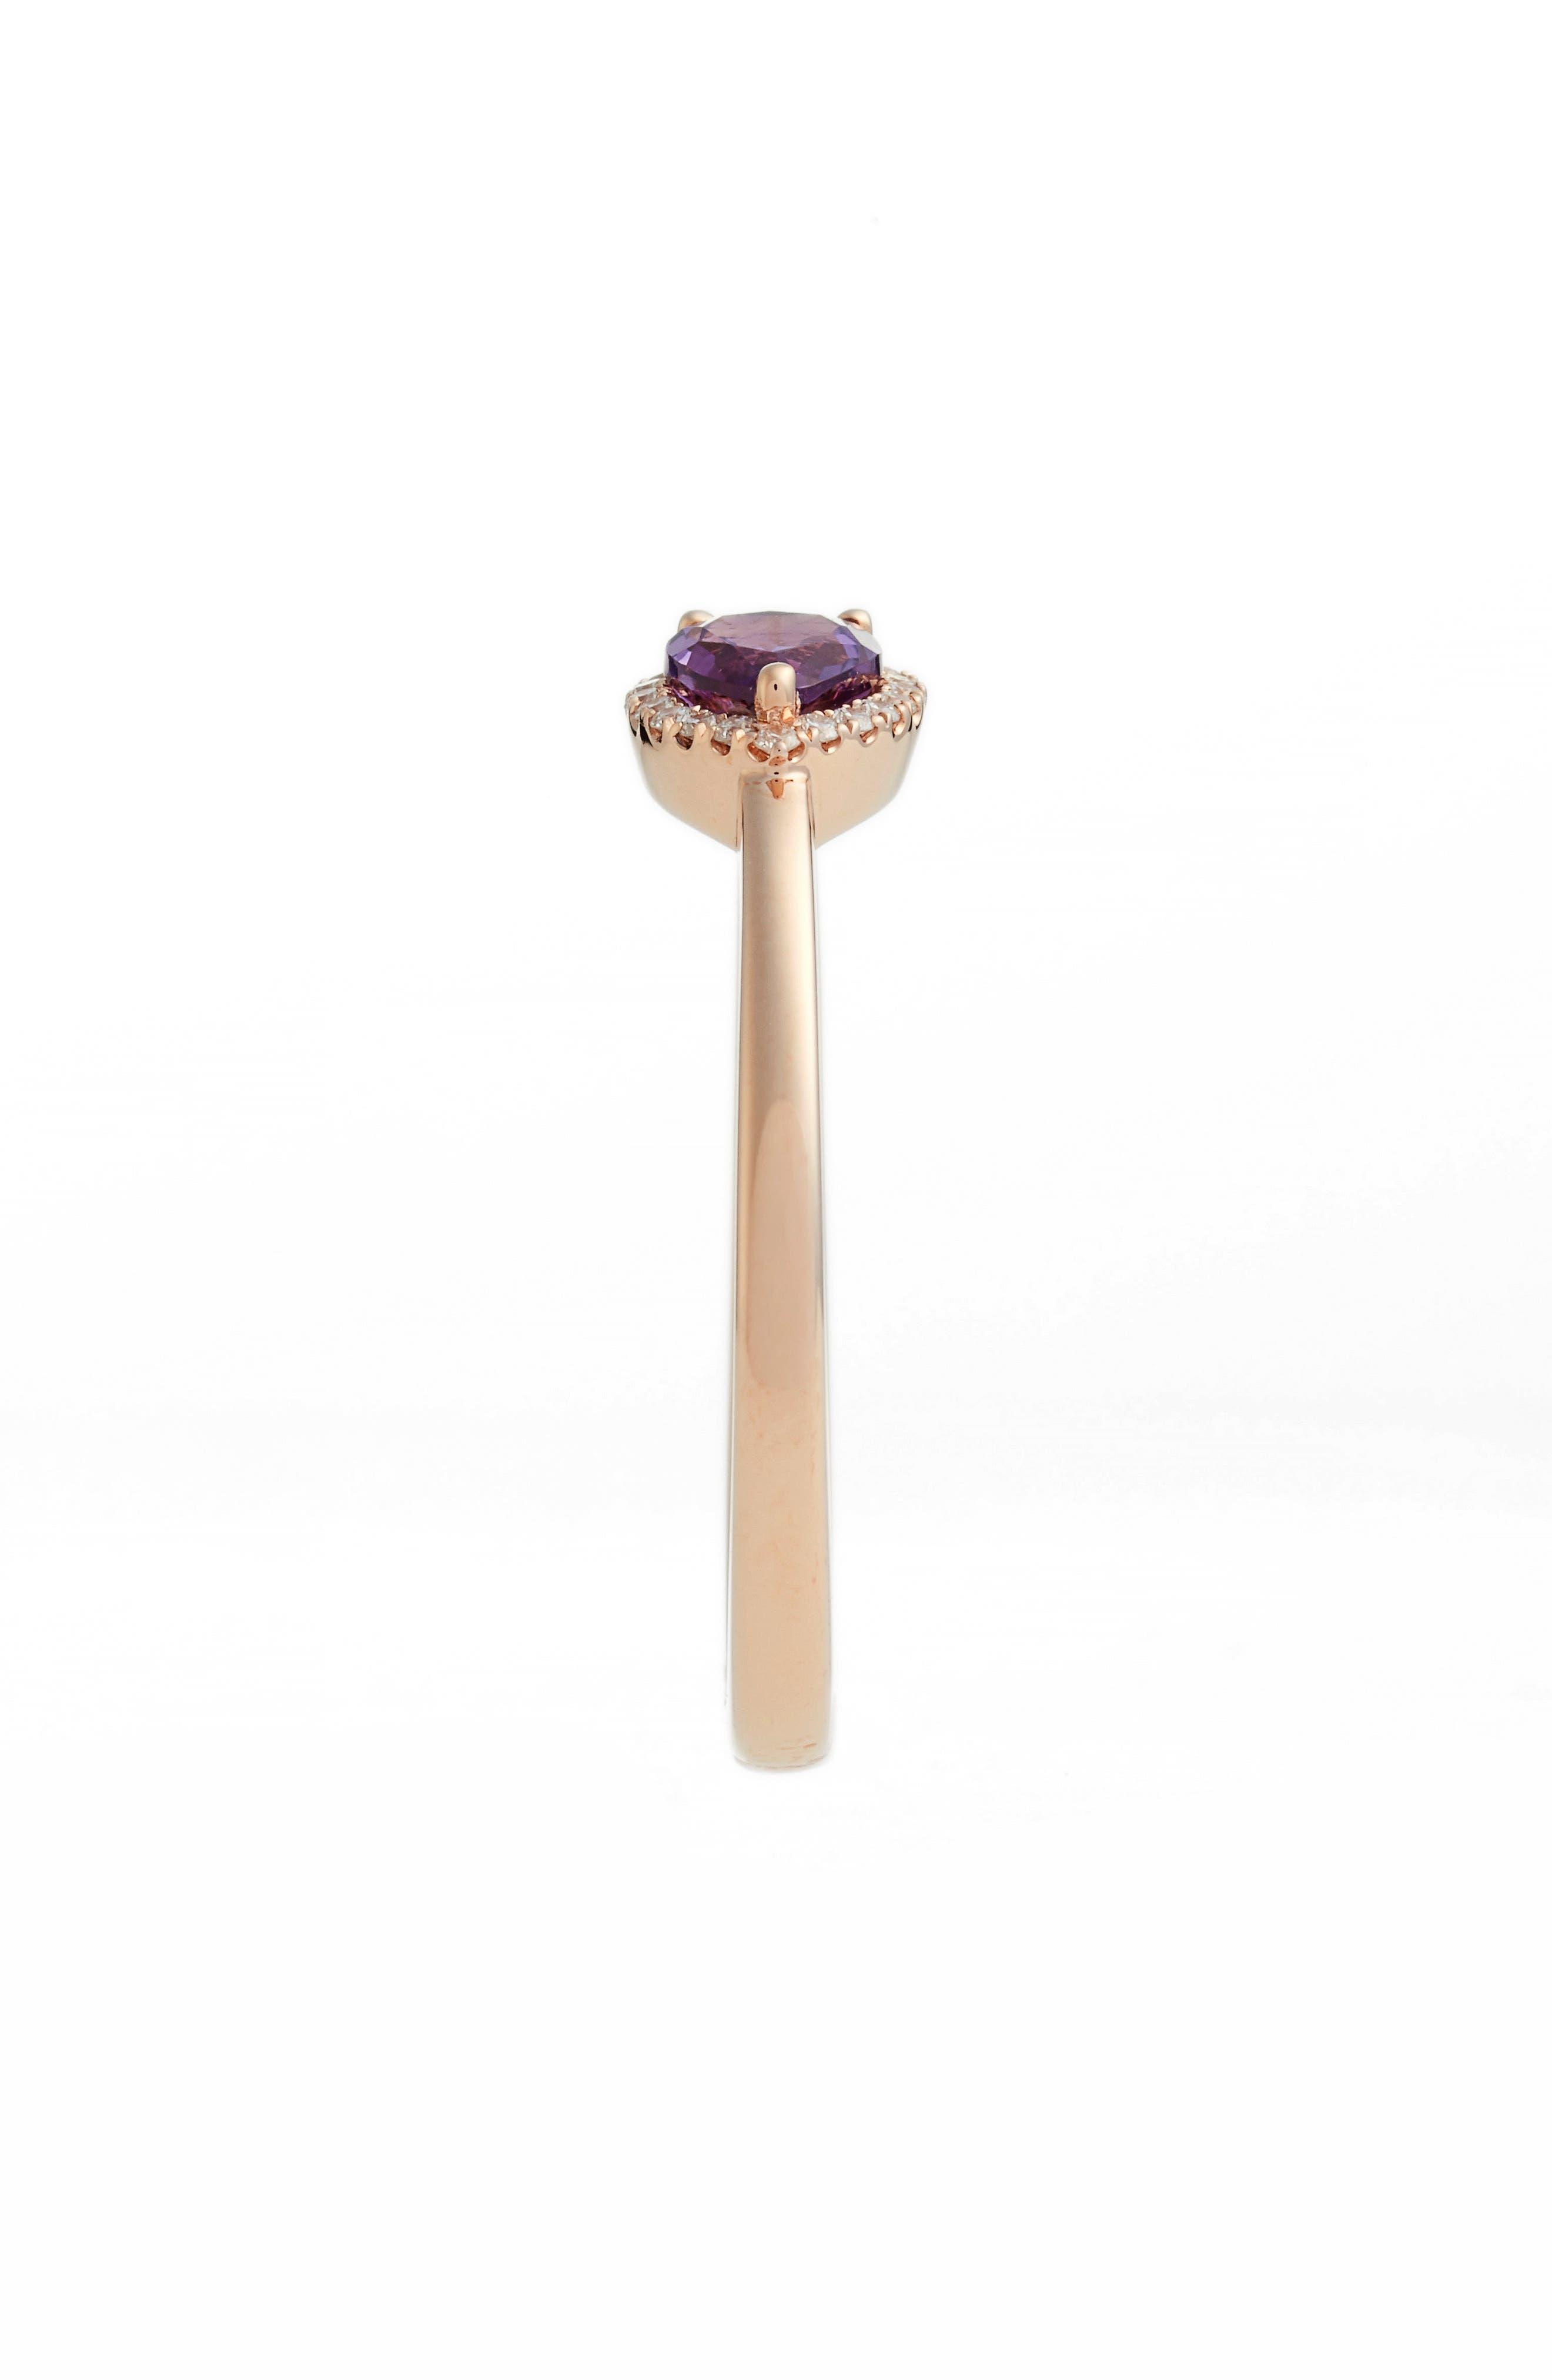 Iris Diamond & Semiprecious Stone Teardrop Ring,                             Alternate thumbnail 4, color,